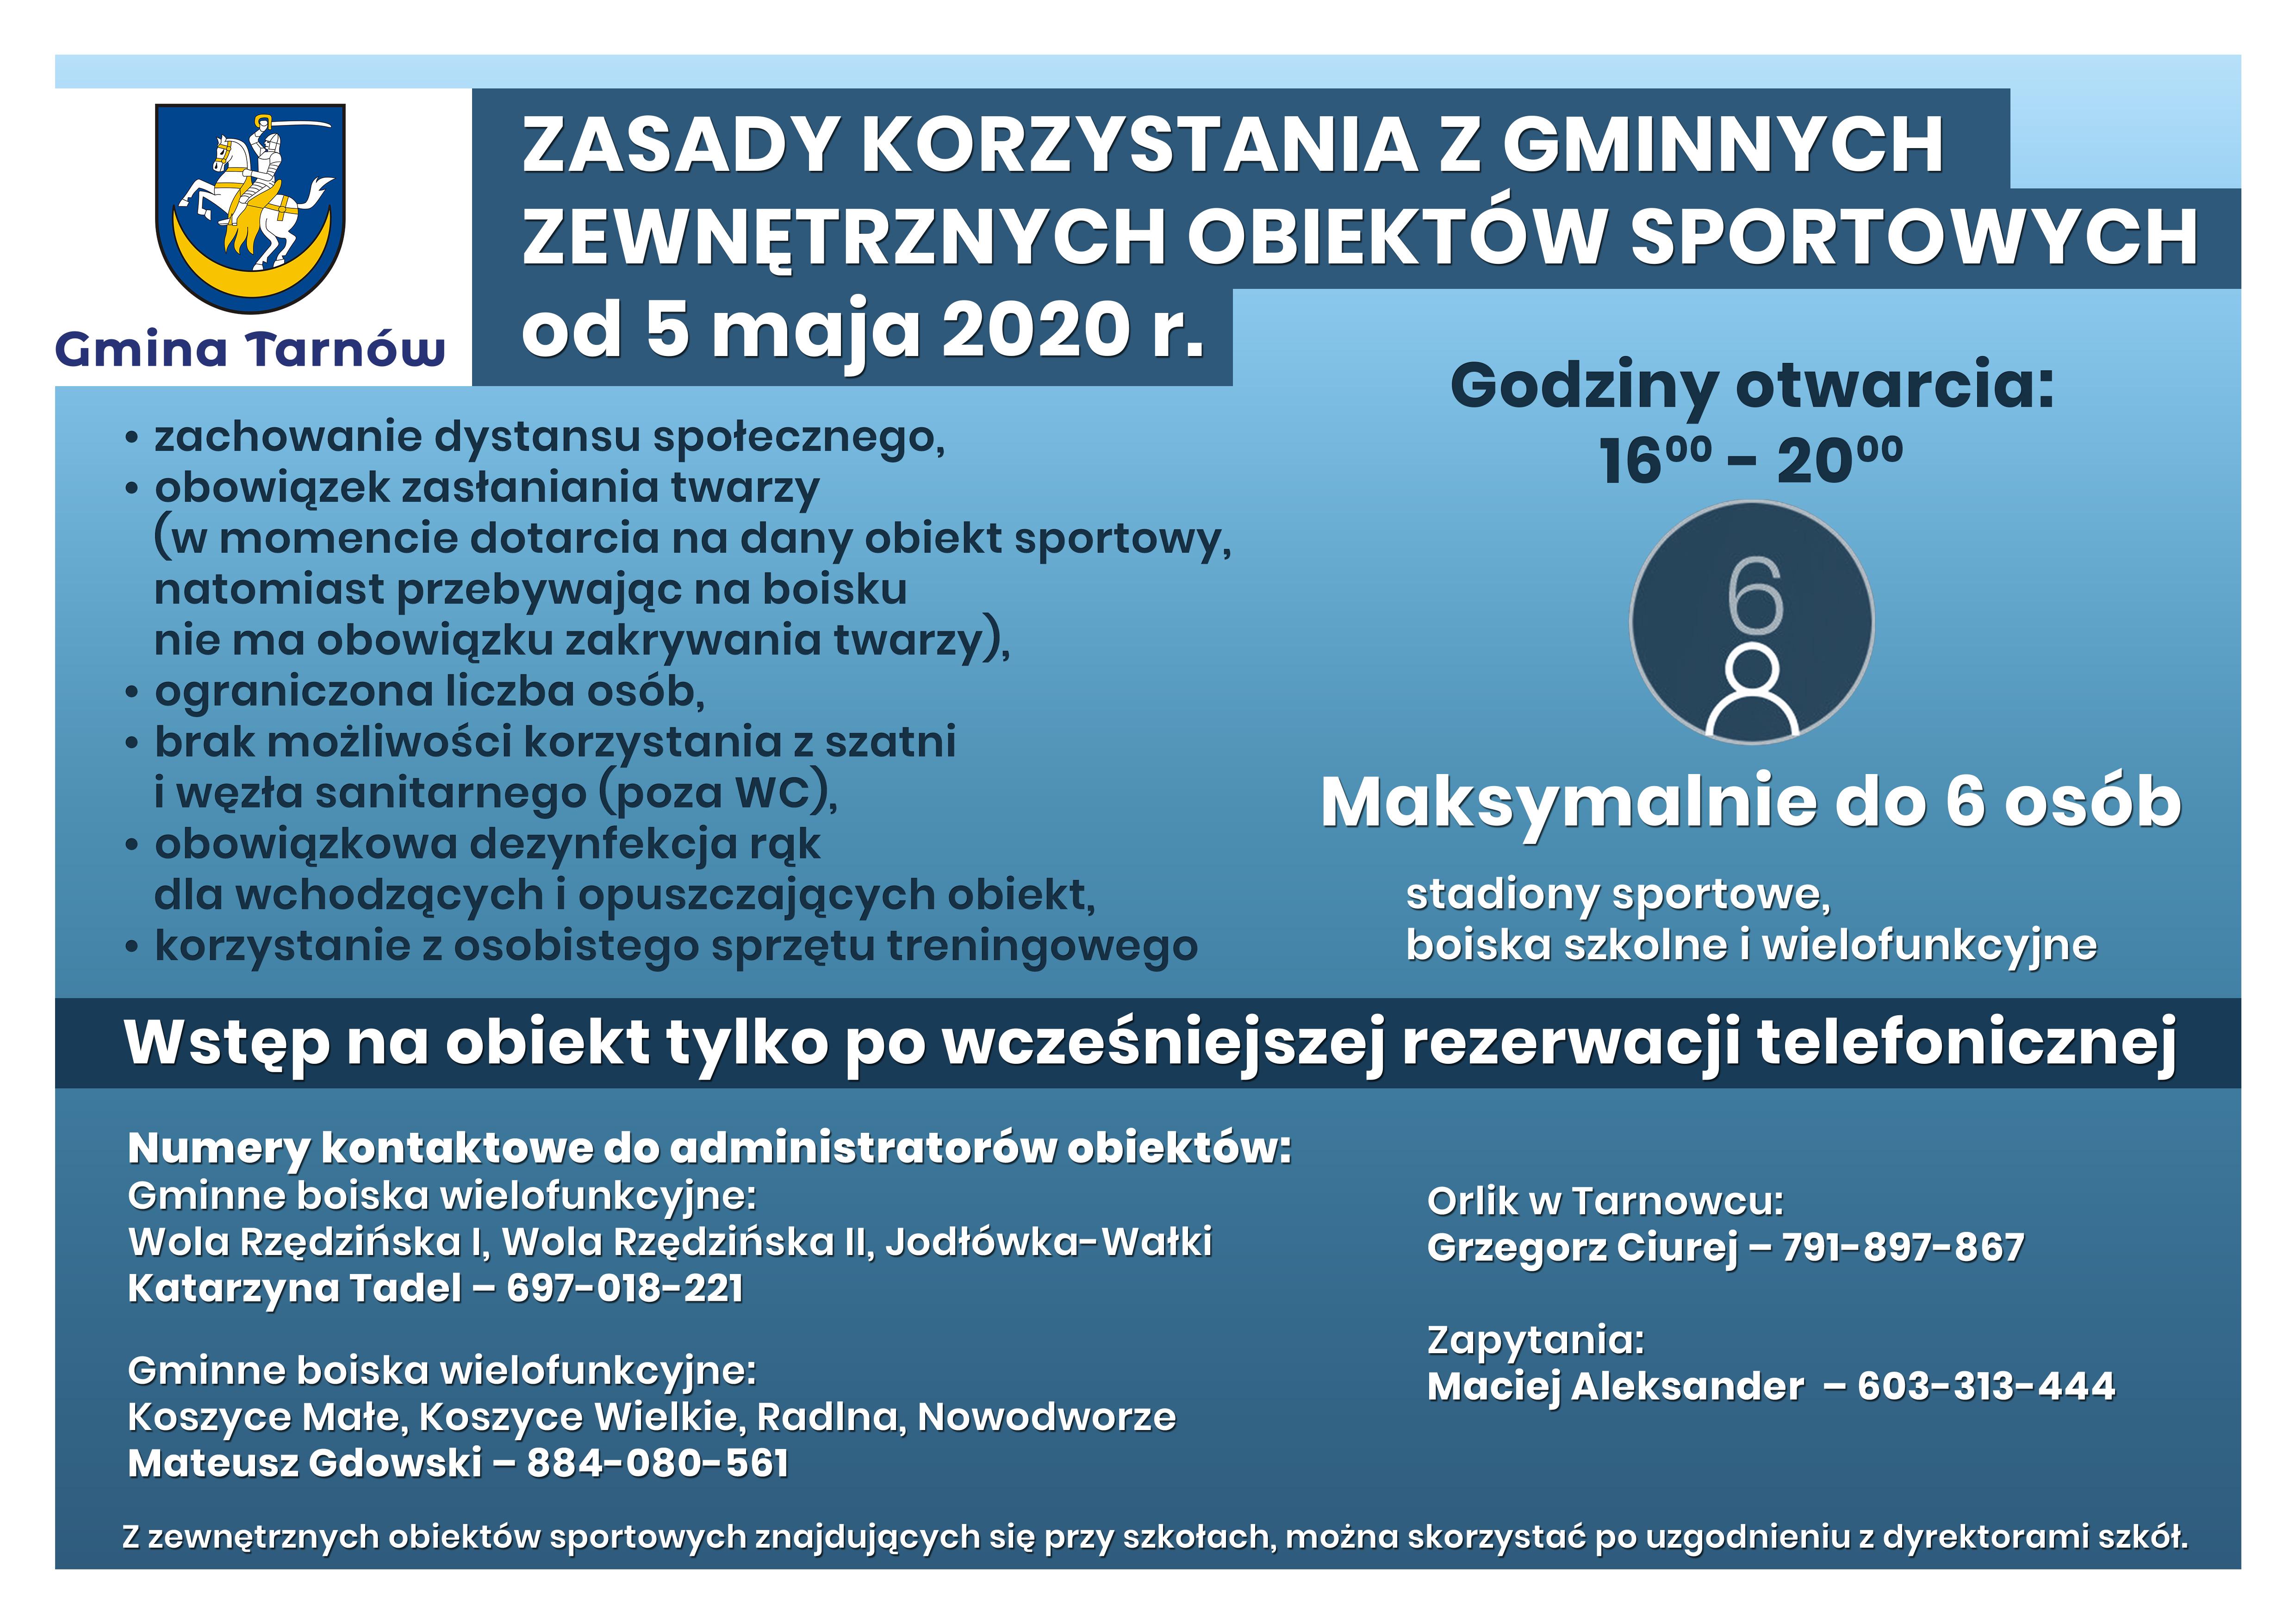 Gmina Tarnów. Na gminnych boiskach można zagrać już od 5 maja